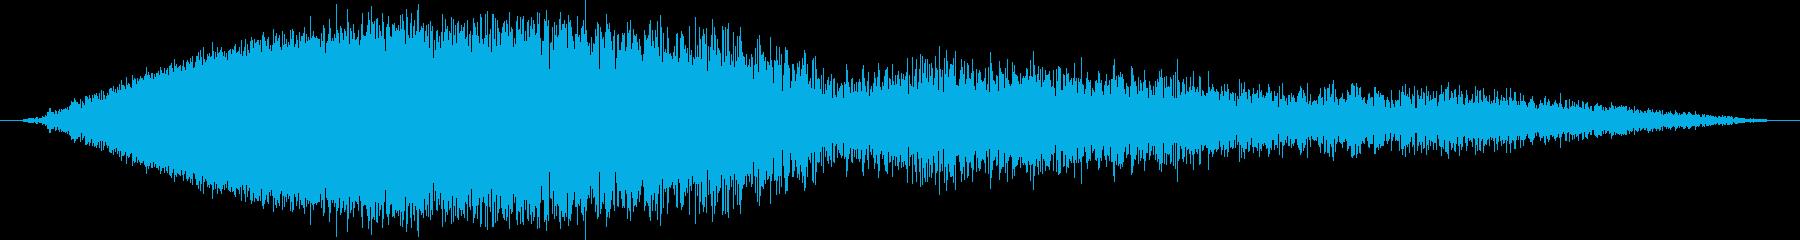 ヒューンシュワシュワ (飛行する音)の再生済みの波形